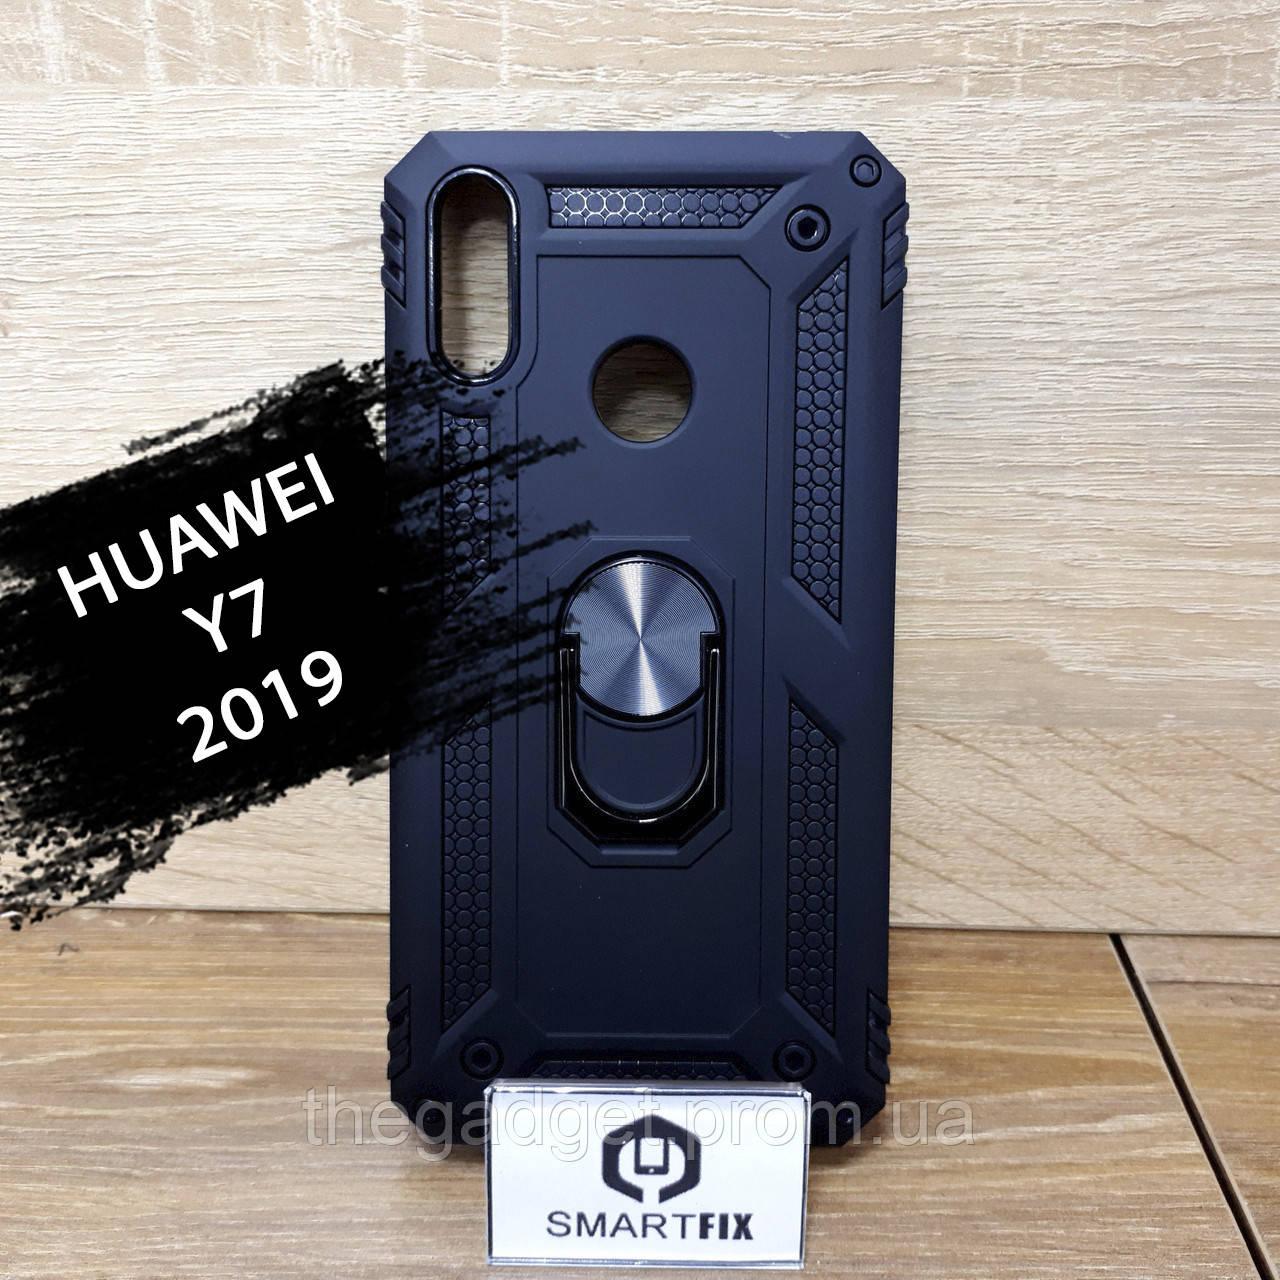 Противоударный чехол для Huawei Y7 2019